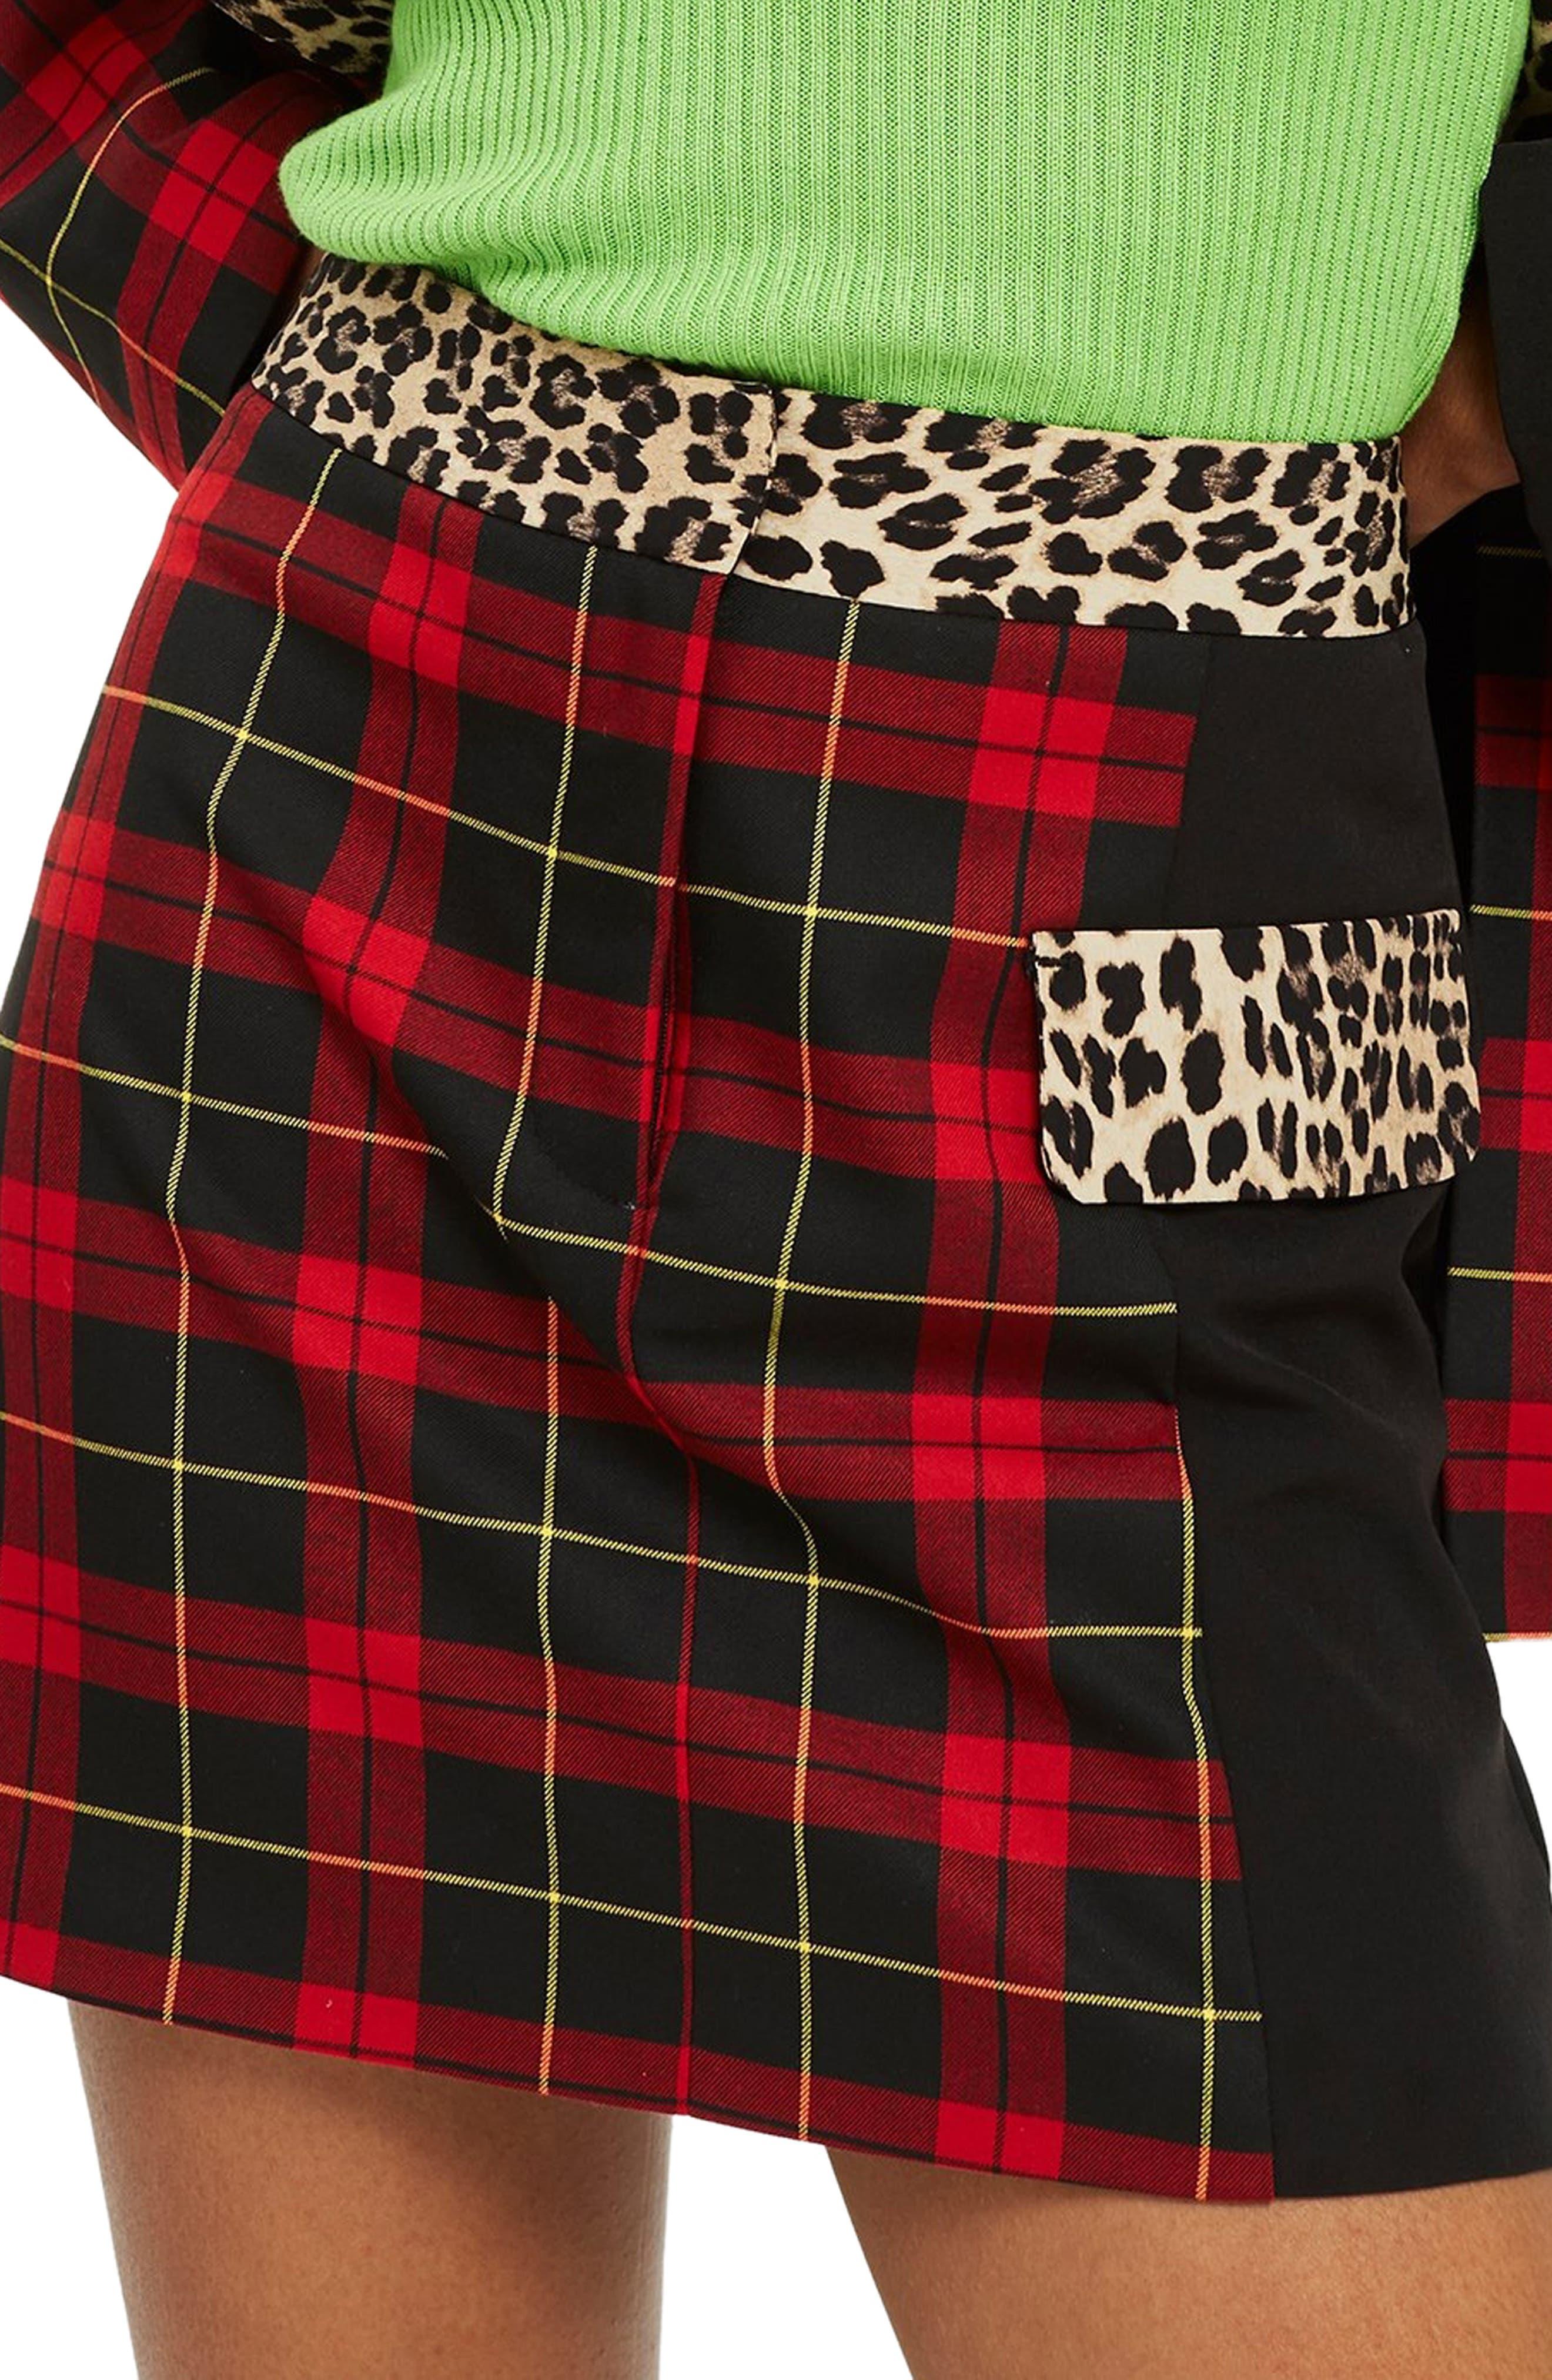 Topshop Leopard Trim Tartan Skirt